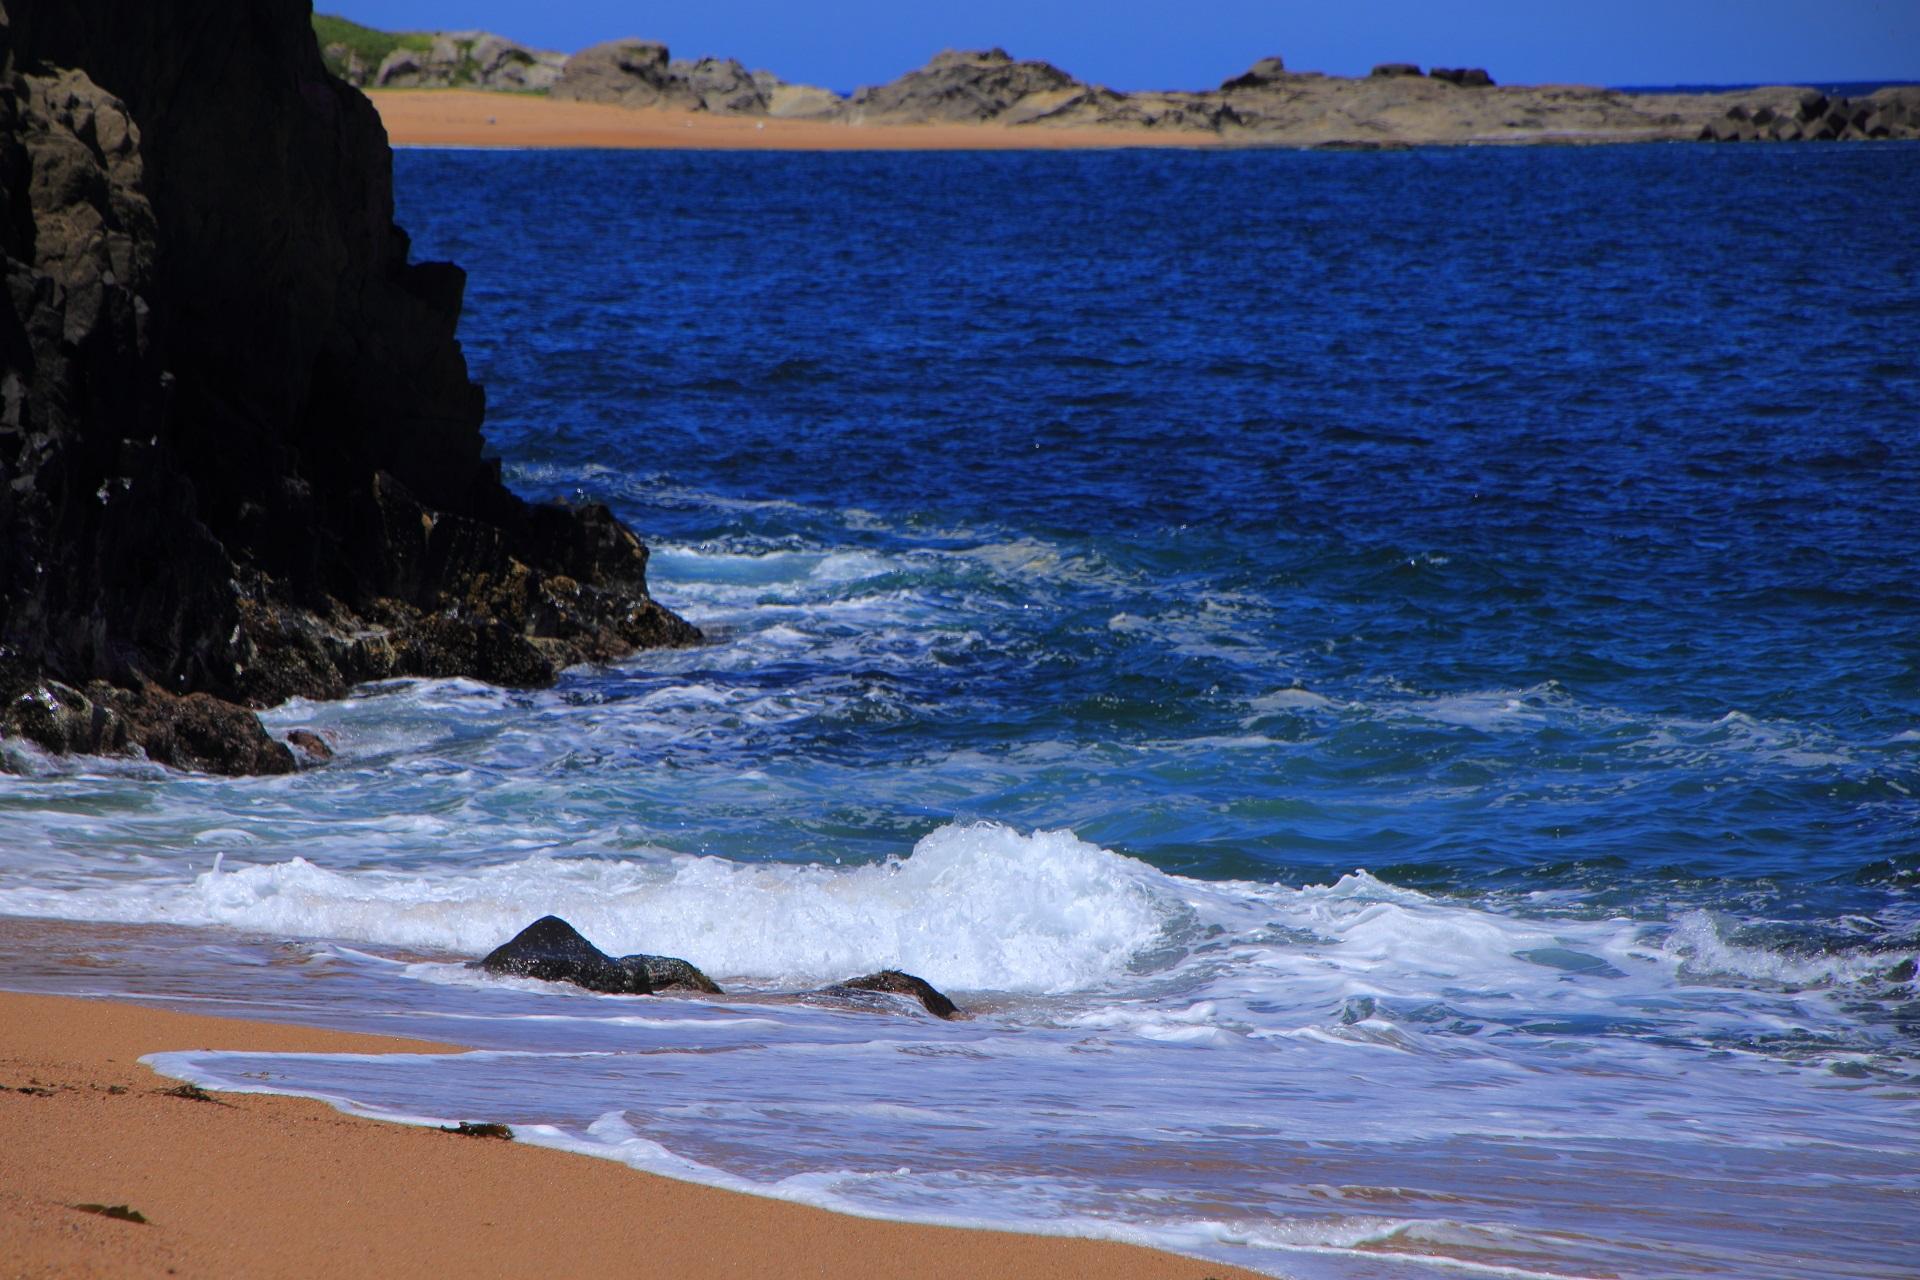 眩しい海岸に打ち寄せる波や水しぶきが眩しく美しい京丹後の間人(たいざ)